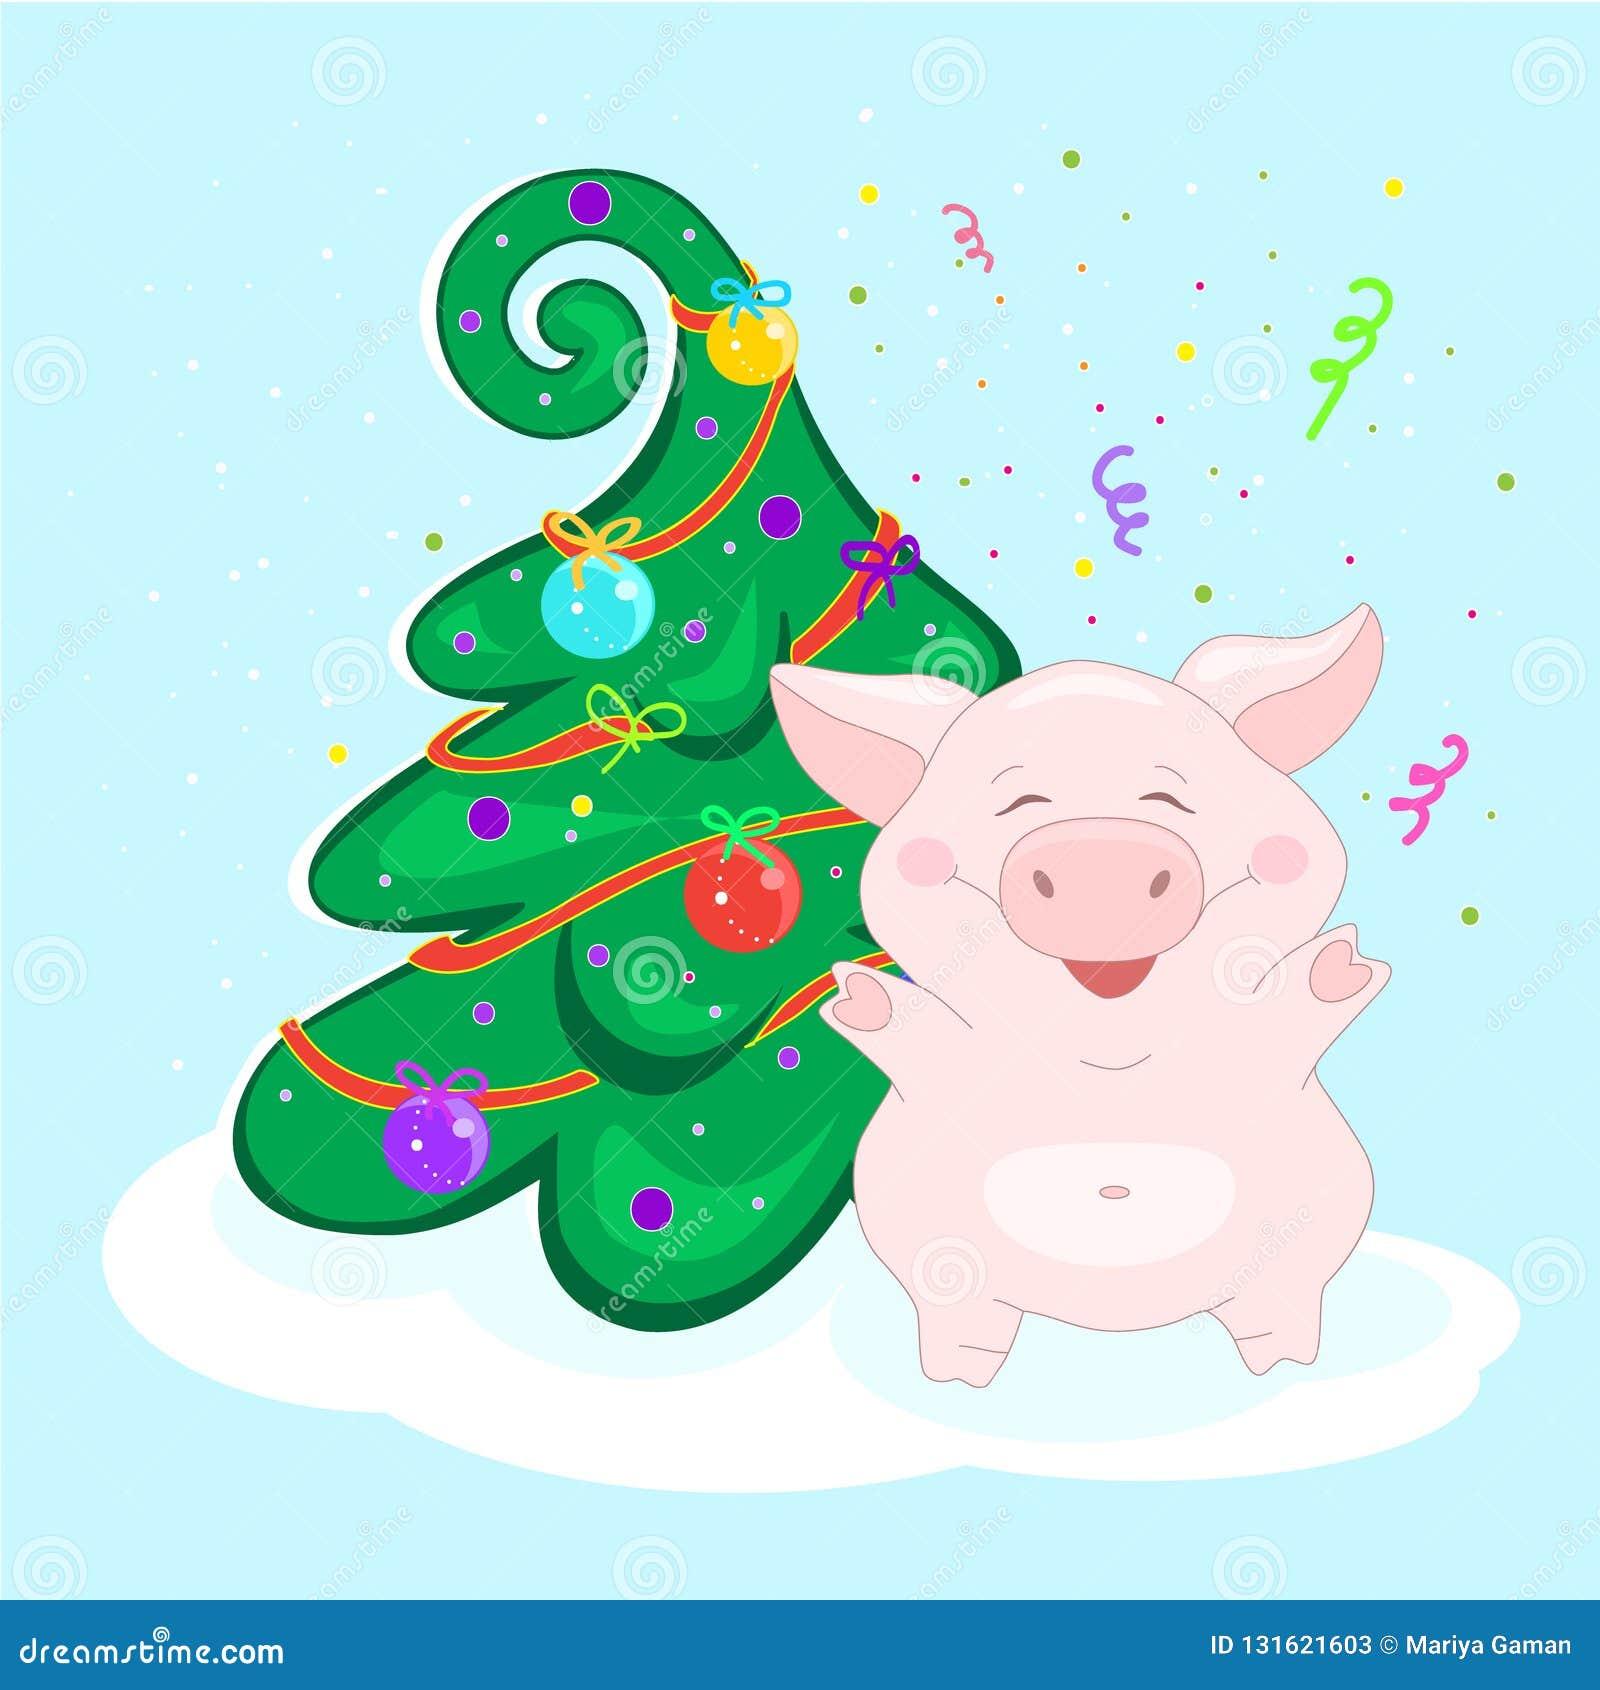 Immagini Divertenti Natale 2019.Maiale All Albero Di Natale Il Carattere Divertente E Felice